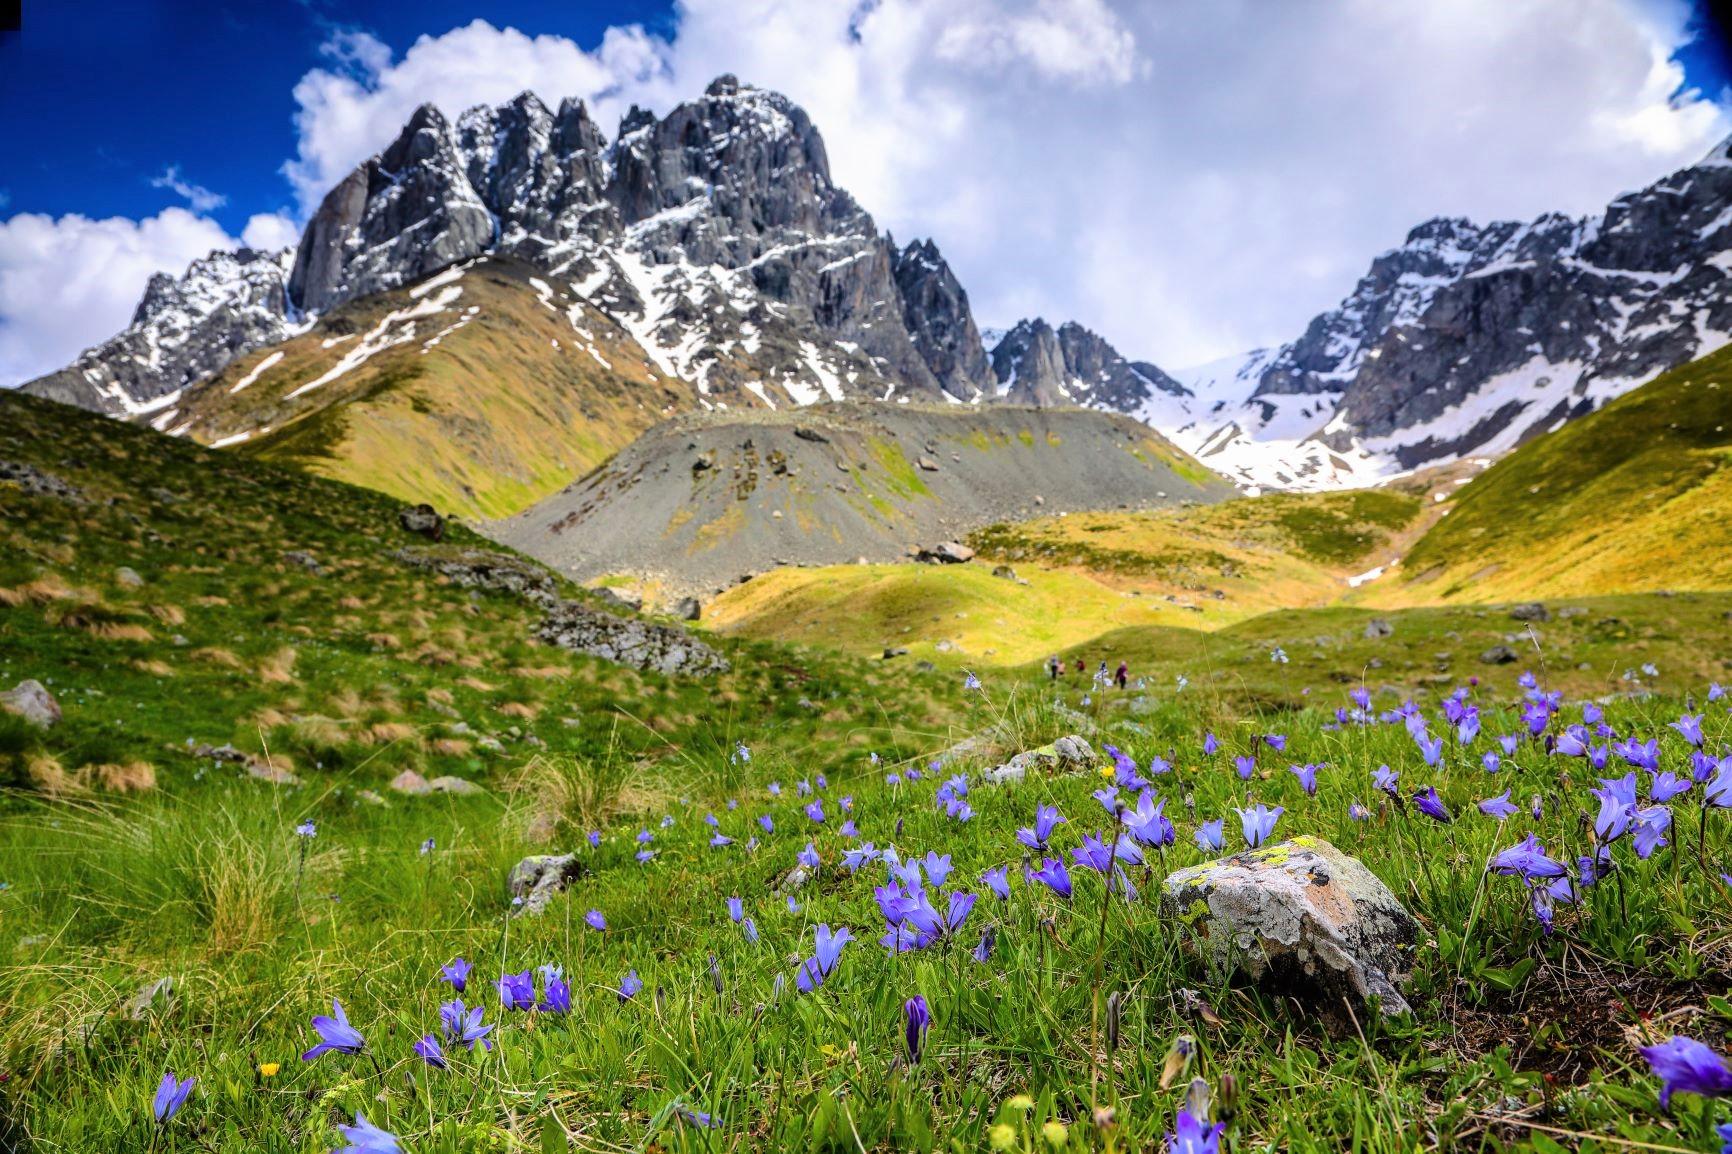 チョウキ峰を望みながら、花咲く谷を歩く